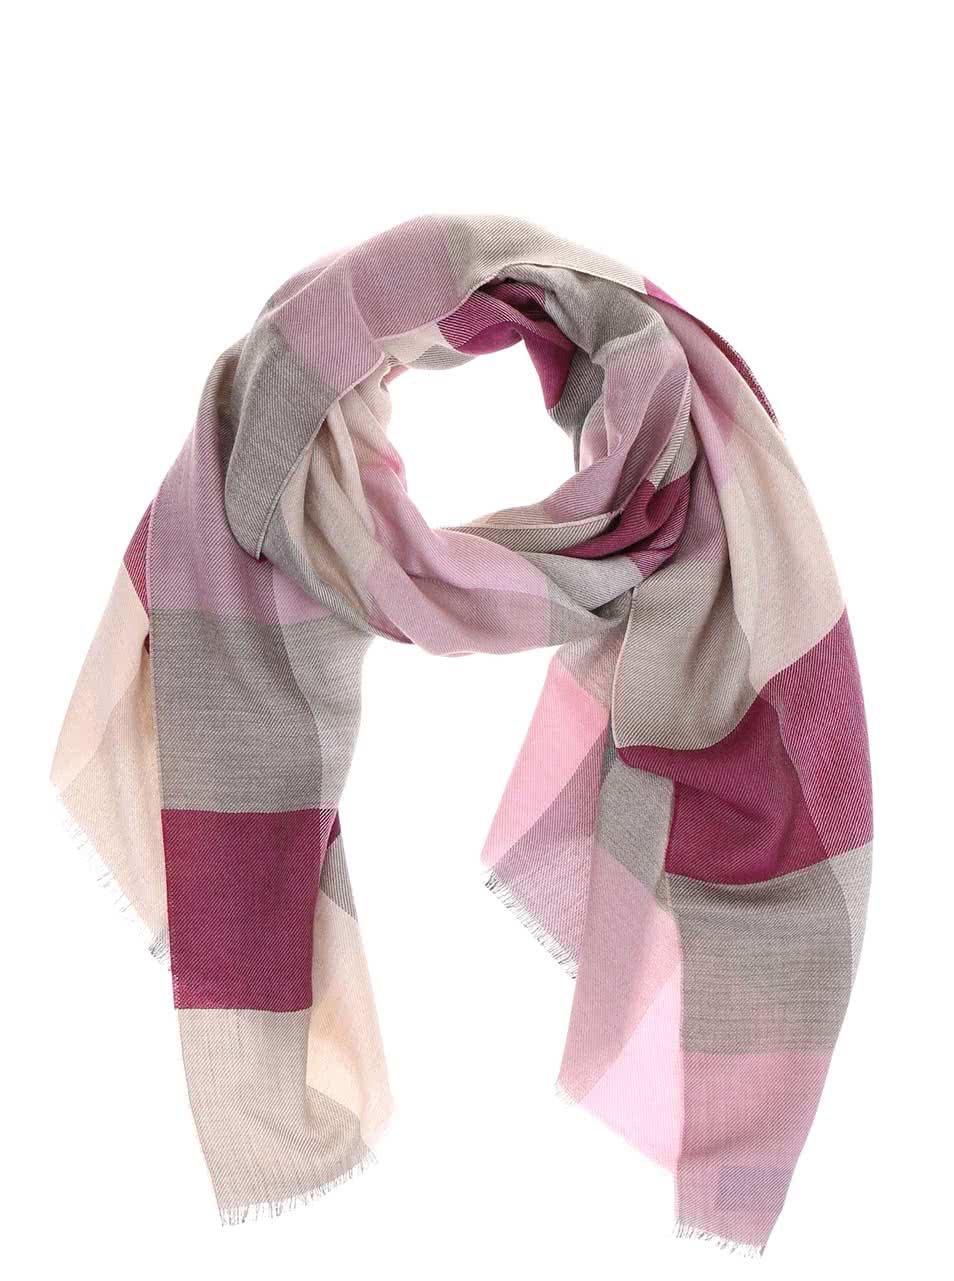 3daa541034dc Sivo-ružový dámsky kockovaný šál z hodvábu a ťavej vlny Fraas ...